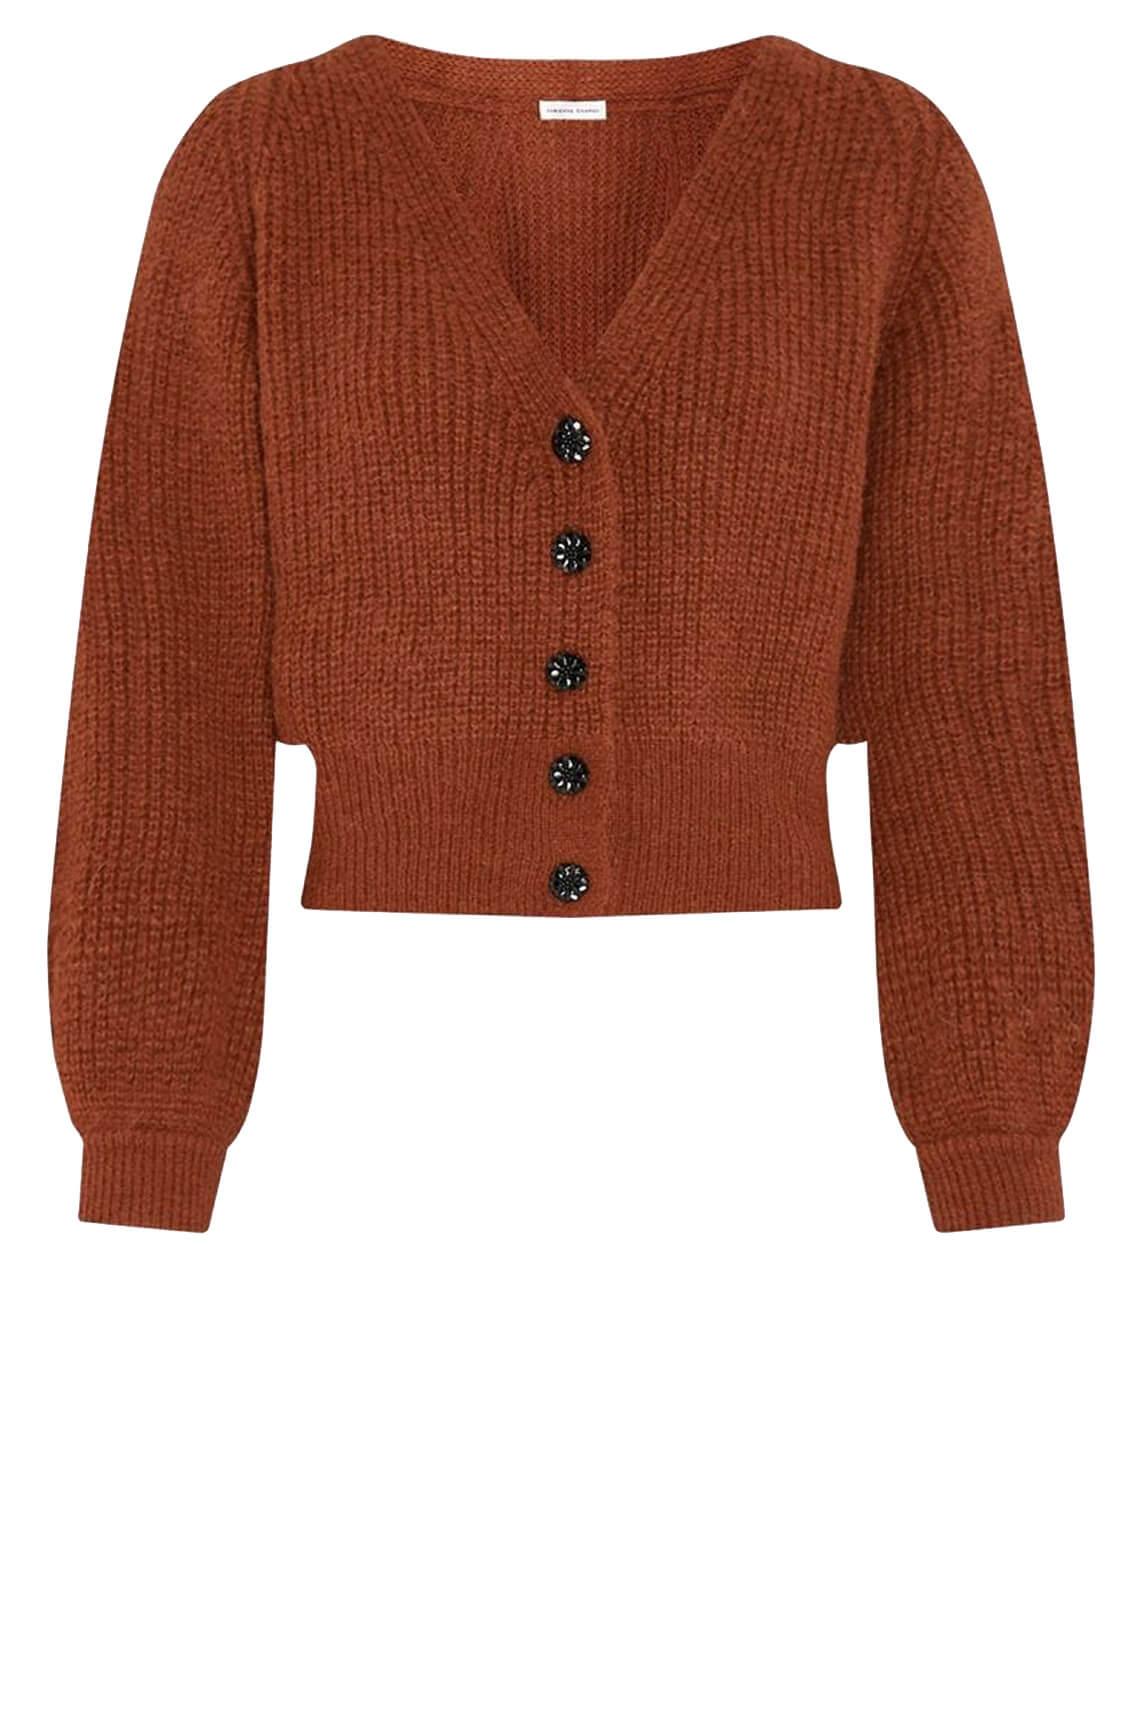 Fabienne Chapot Dames Starry vest Bruin